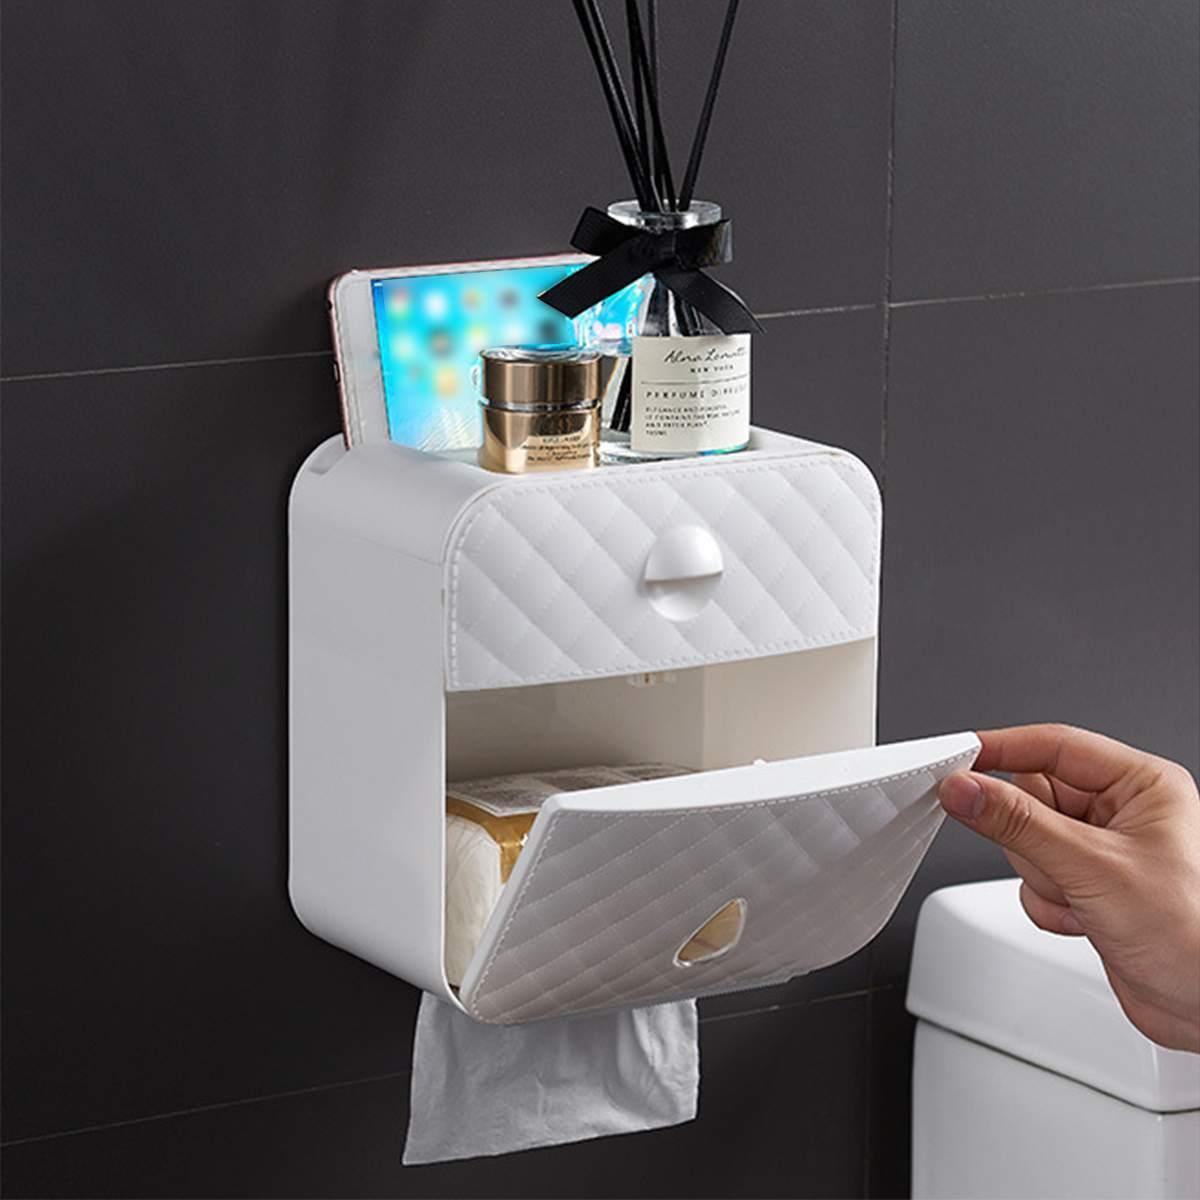 مرحاض للماء حامل ورقة التصميمات ورقة المناشف حامل حامل مطبخ حمام ورقة حالة تخزين مربع المرحاض لفة حامل T200425